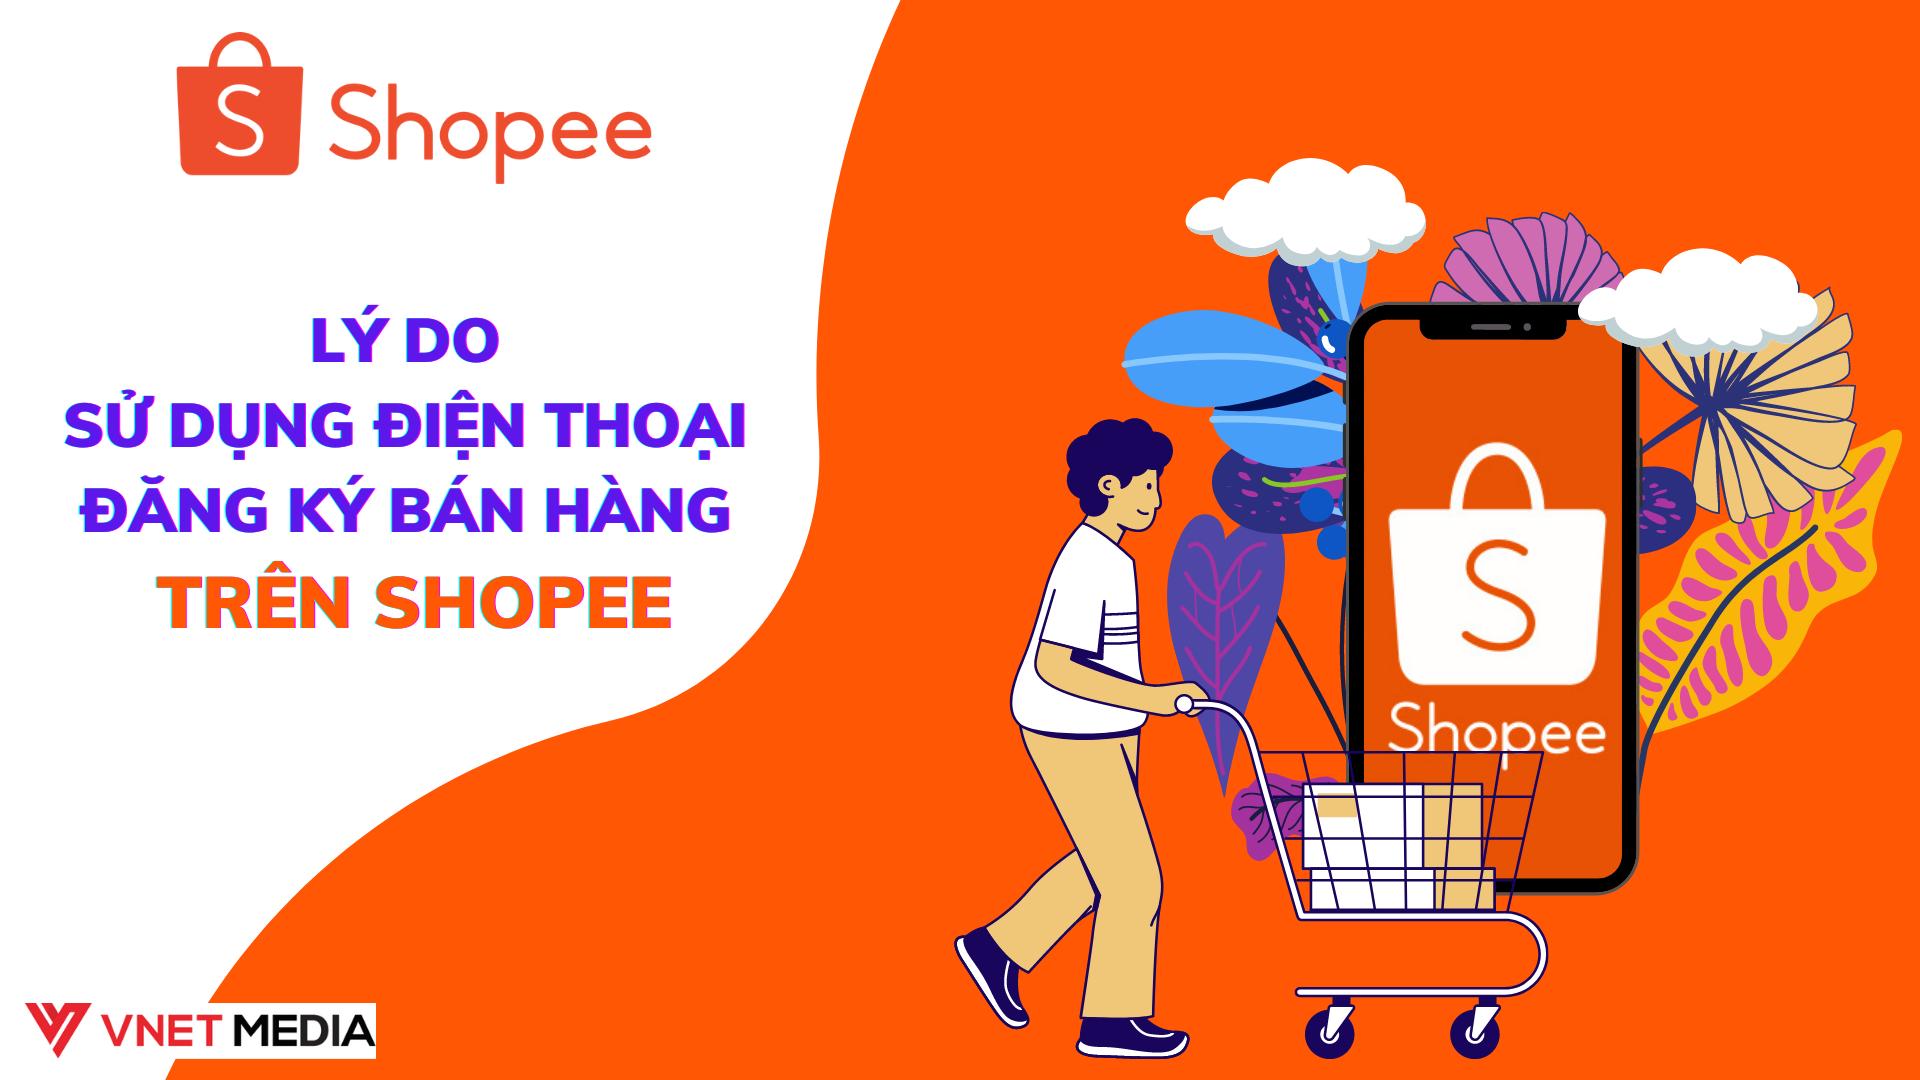 lý do sử dụng điện thoại bán hàng trên shopee